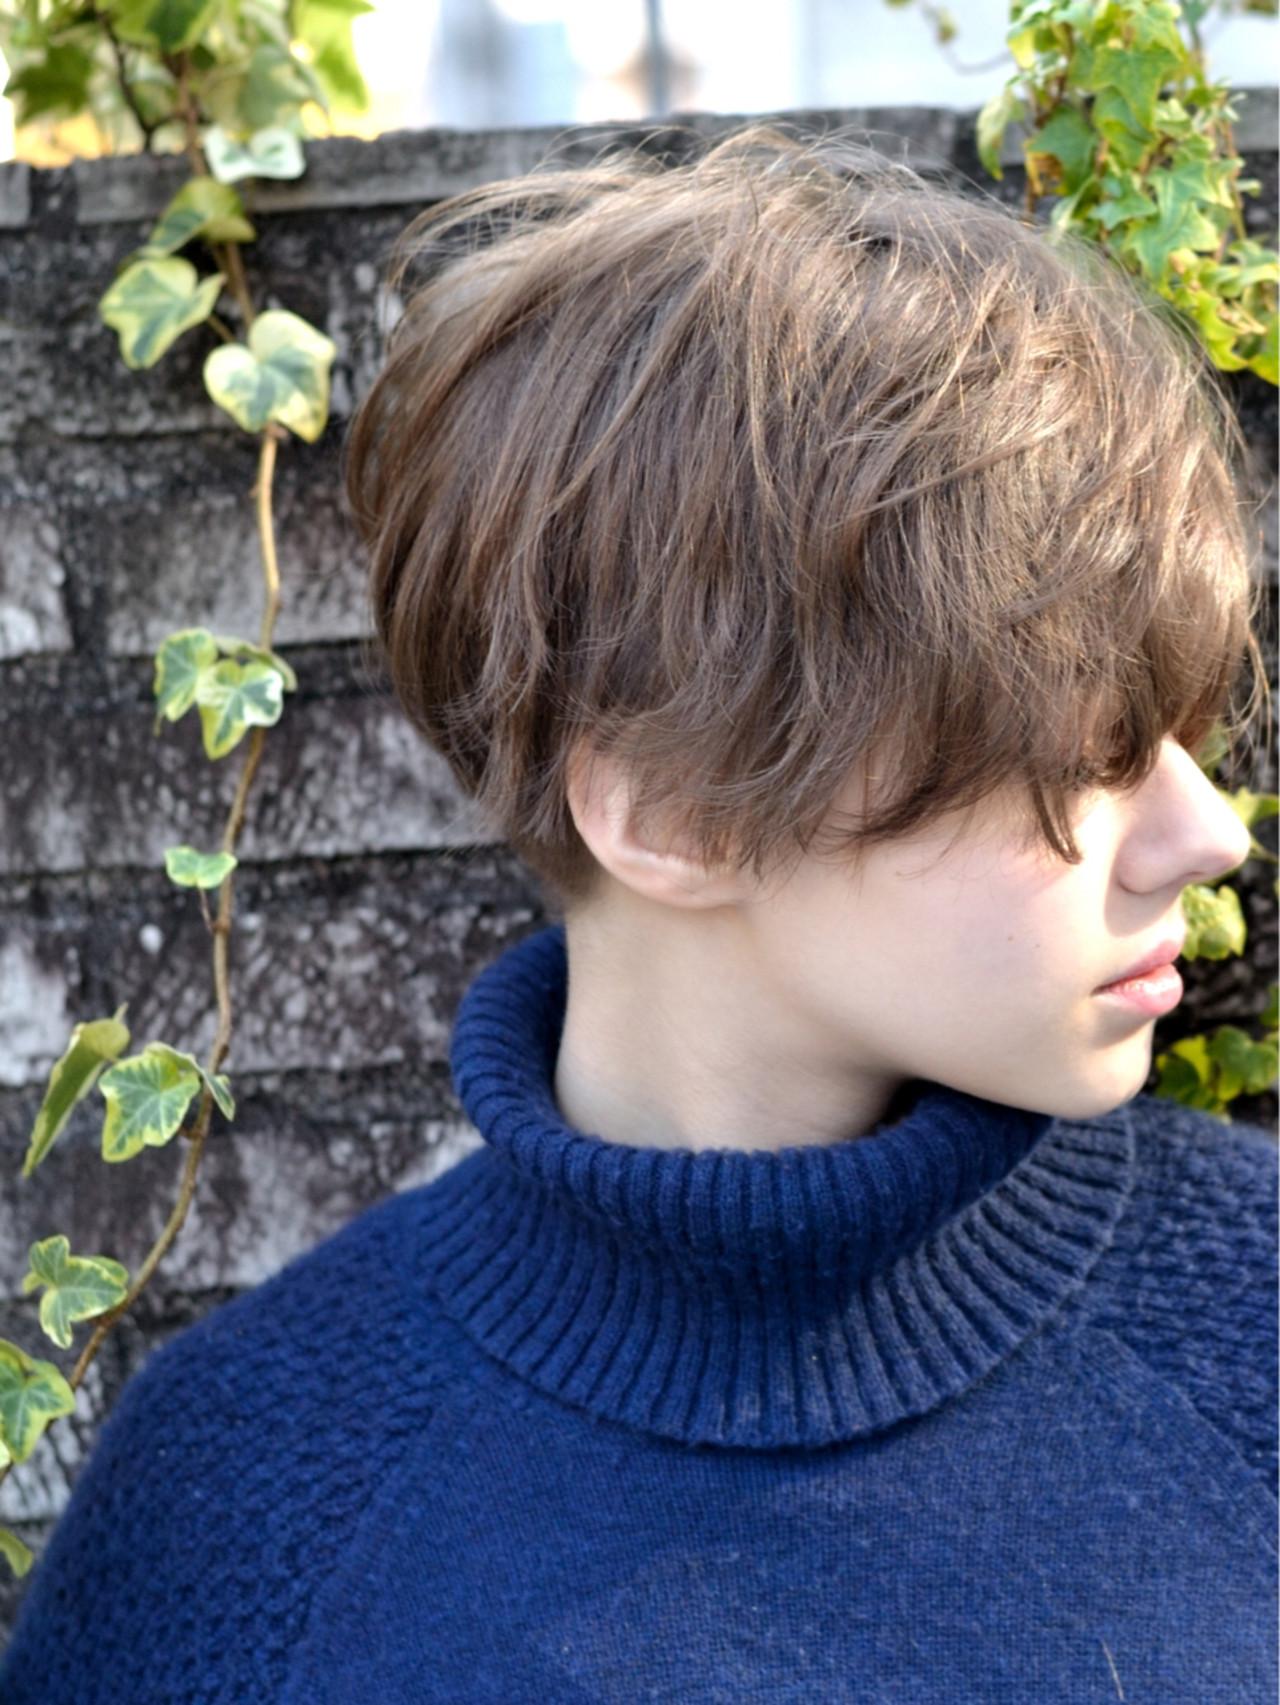 外国人風 アッシュ マッシュ ショート ヘアスタイルや髪型の写真・画像 | 常盤 大地 ウミトス / ウミトス表参道